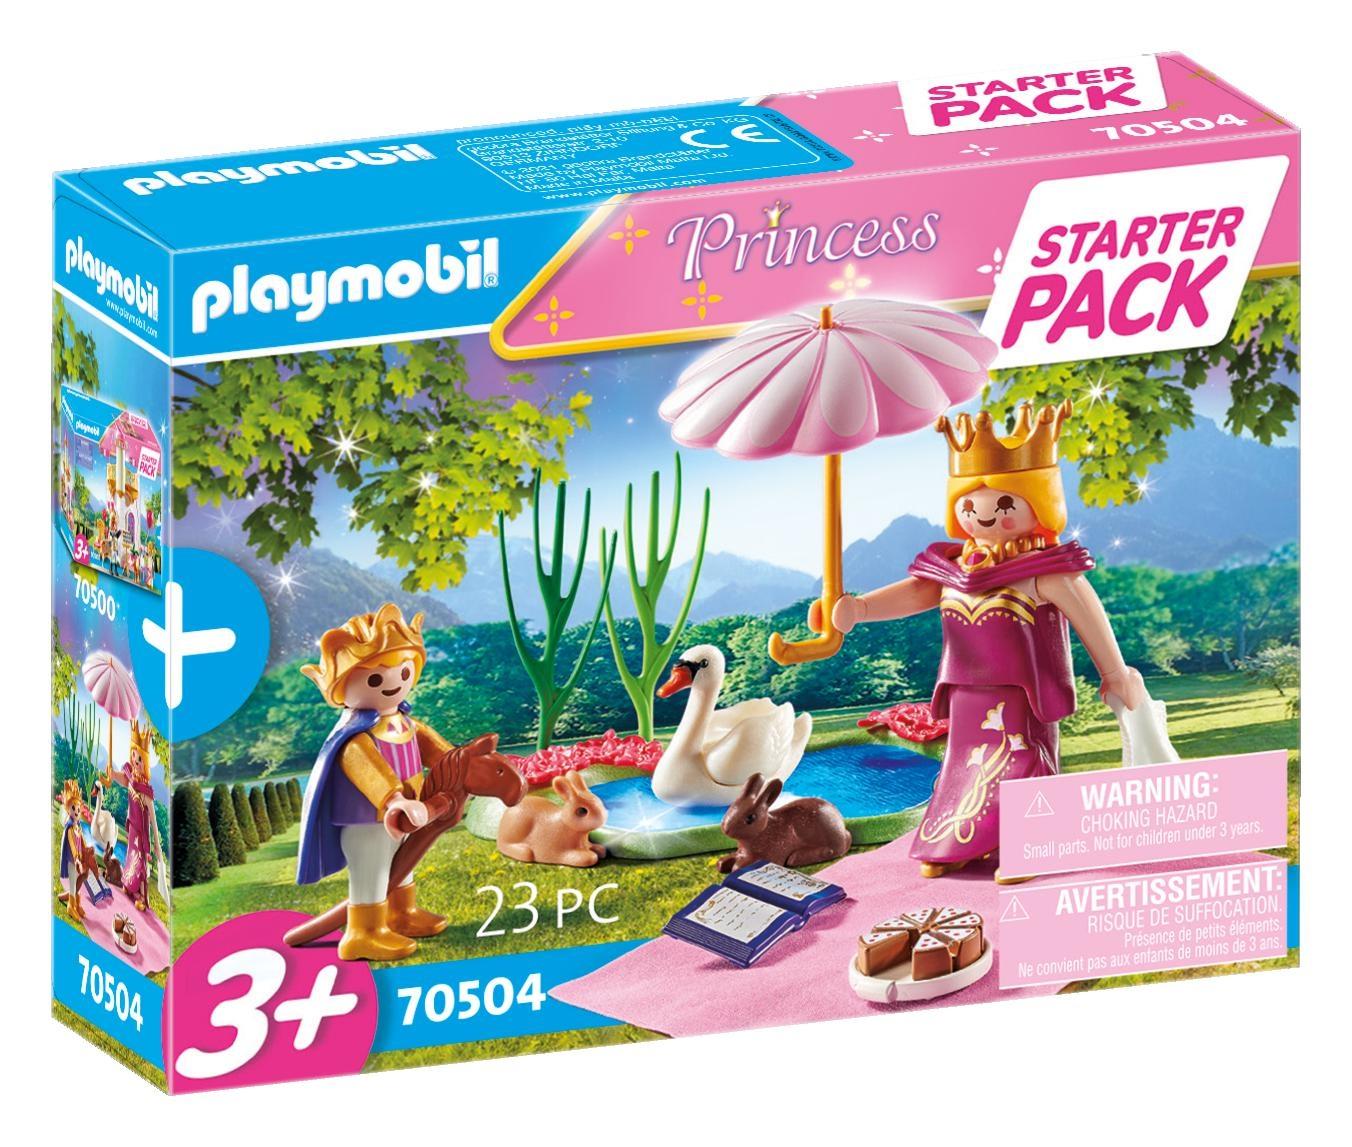 Playmobil Princess: Starter Pack Księżniczka - zestaw dodatkowy (70504)